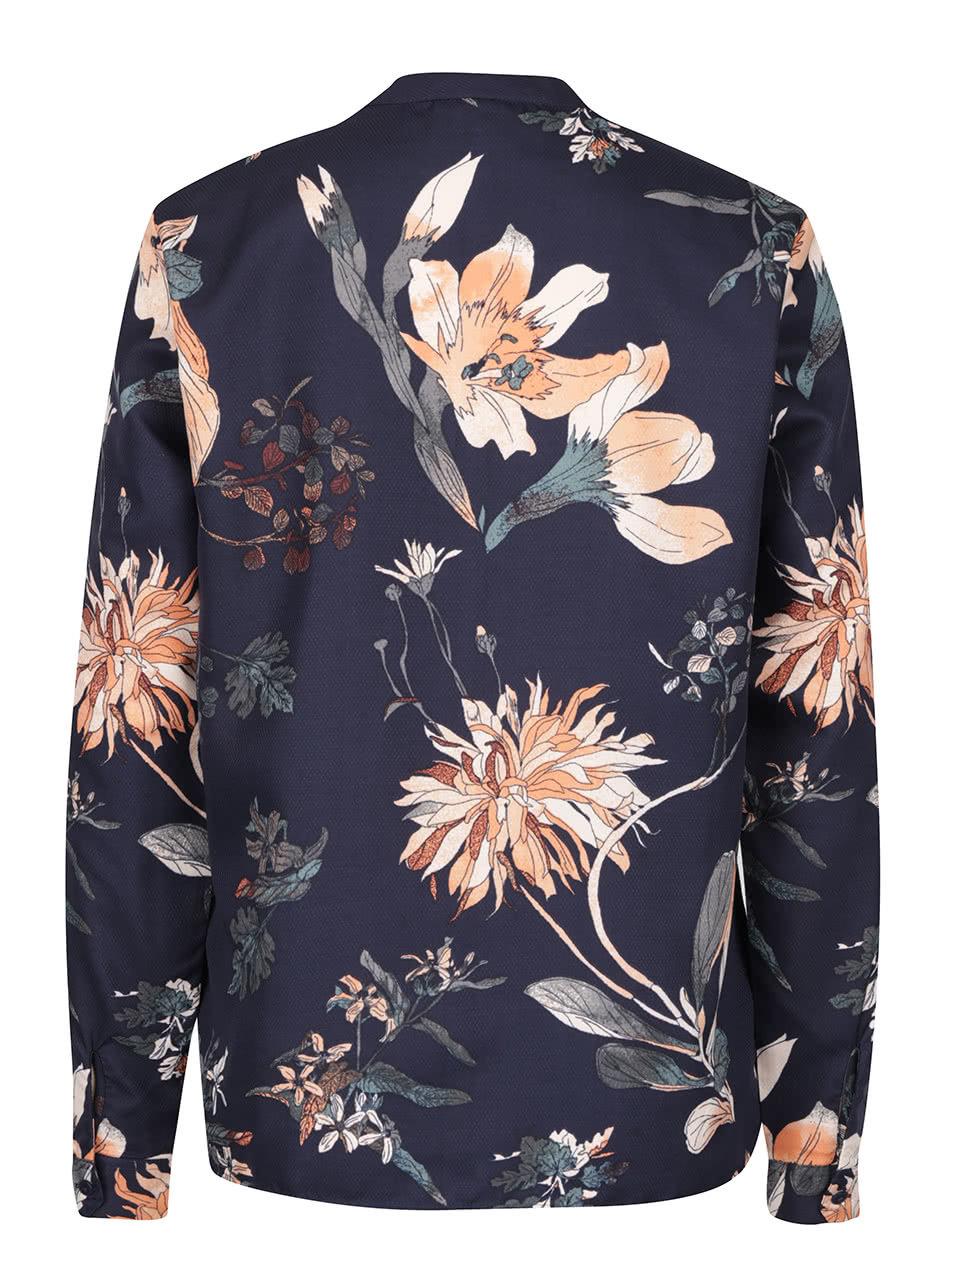 44a922d066 Tmavomodrá kvetinová blúzka s dlhým rukávom VERO MODA Fallon ...